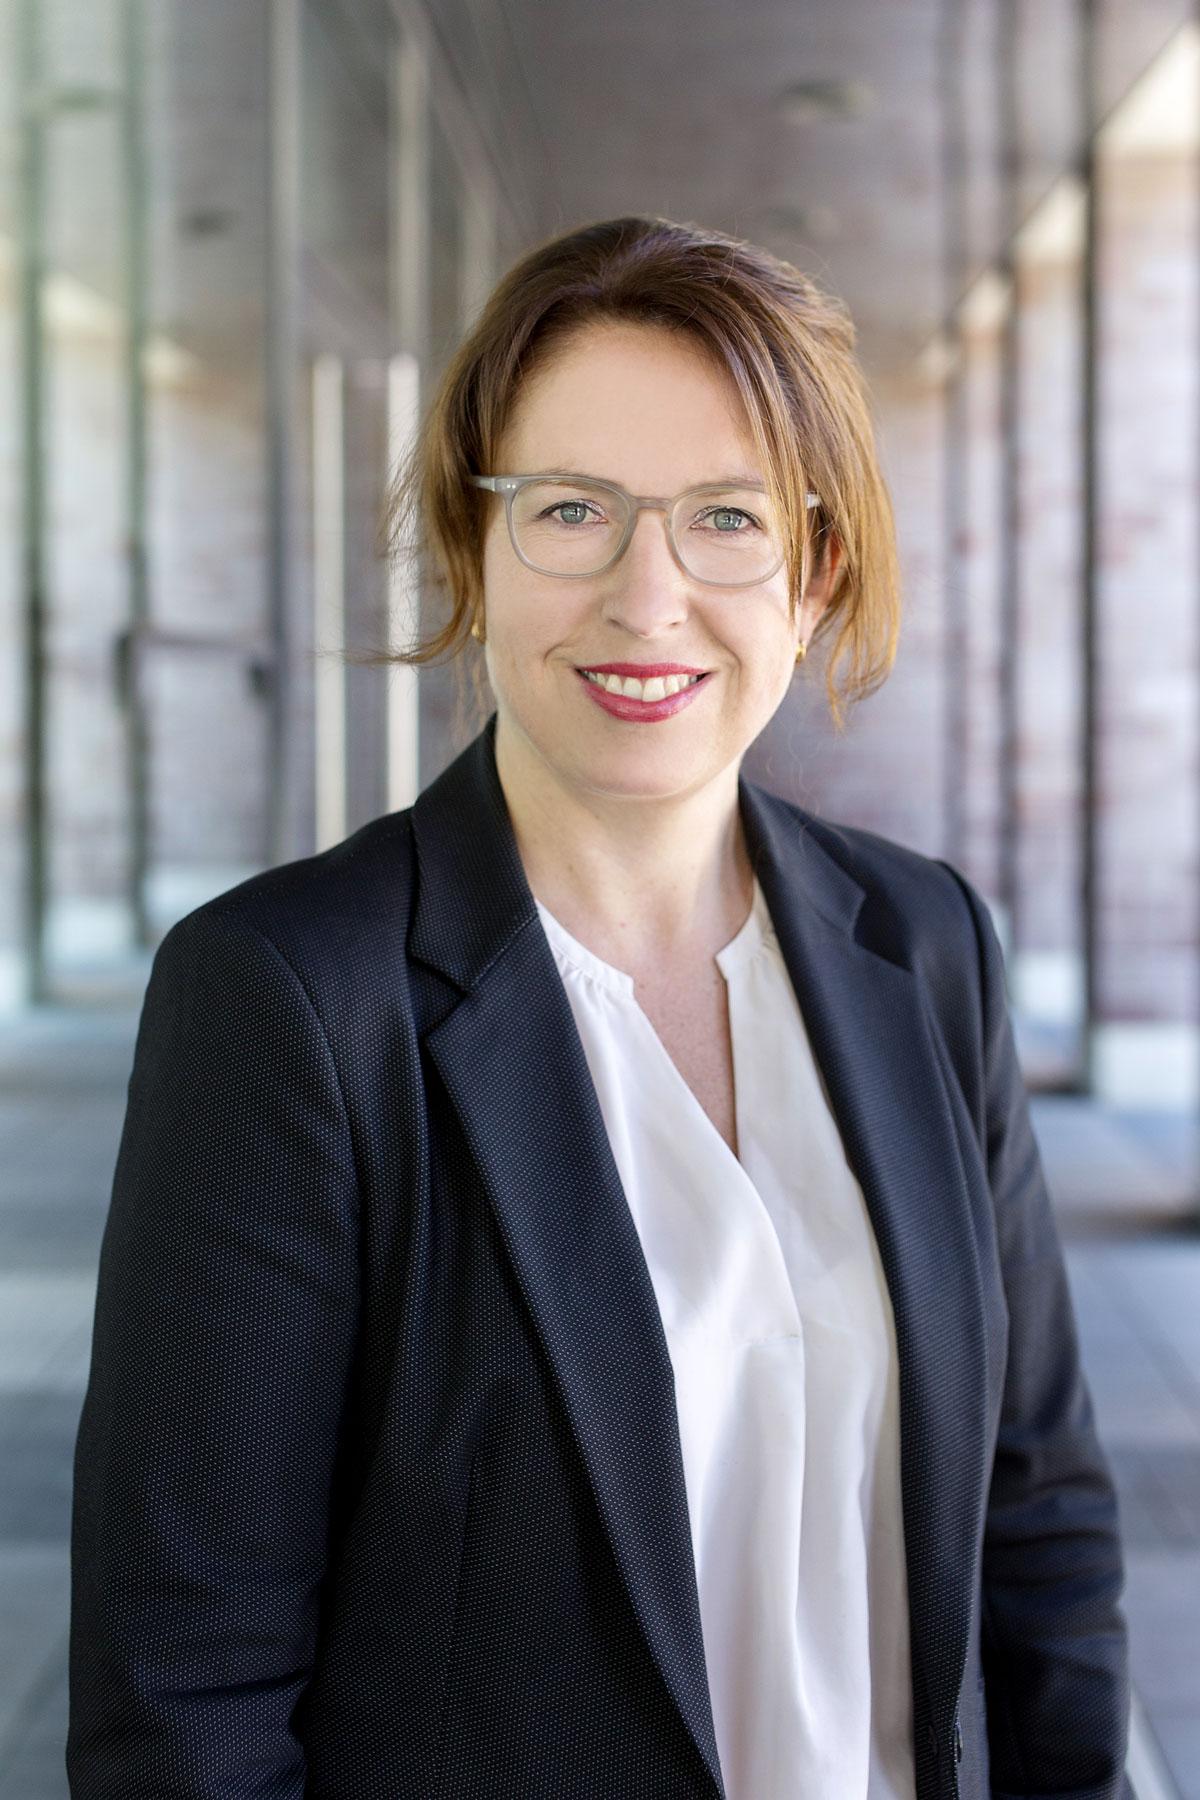 Rechtsanwältin Kathrin Nunnemann